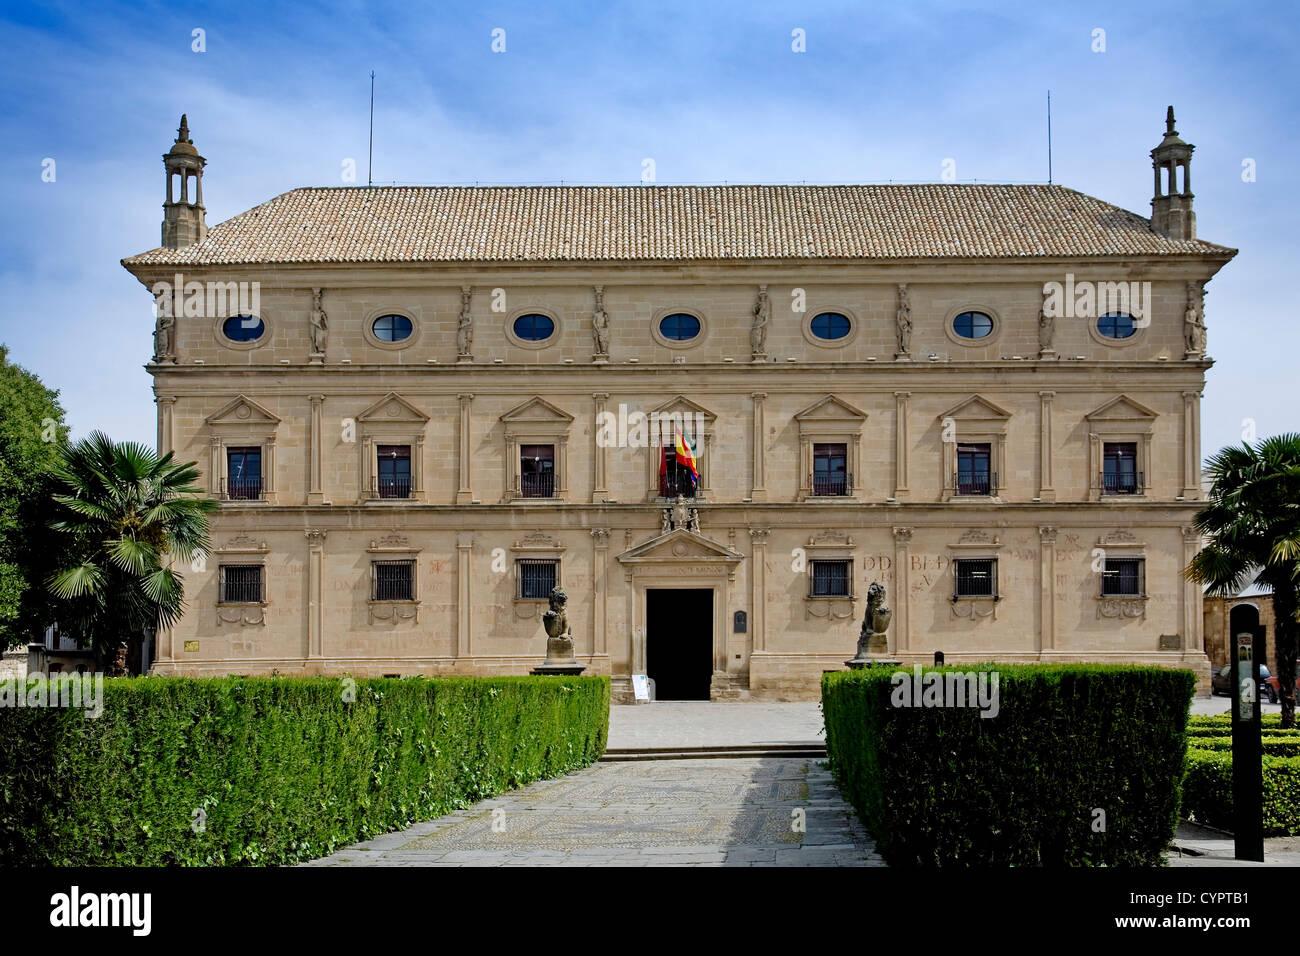 ubeda chains Palace World Heritage jaen Andalusia Spain palacio de las cadenas ubeda patrimonio de la humanidad - Stock Image